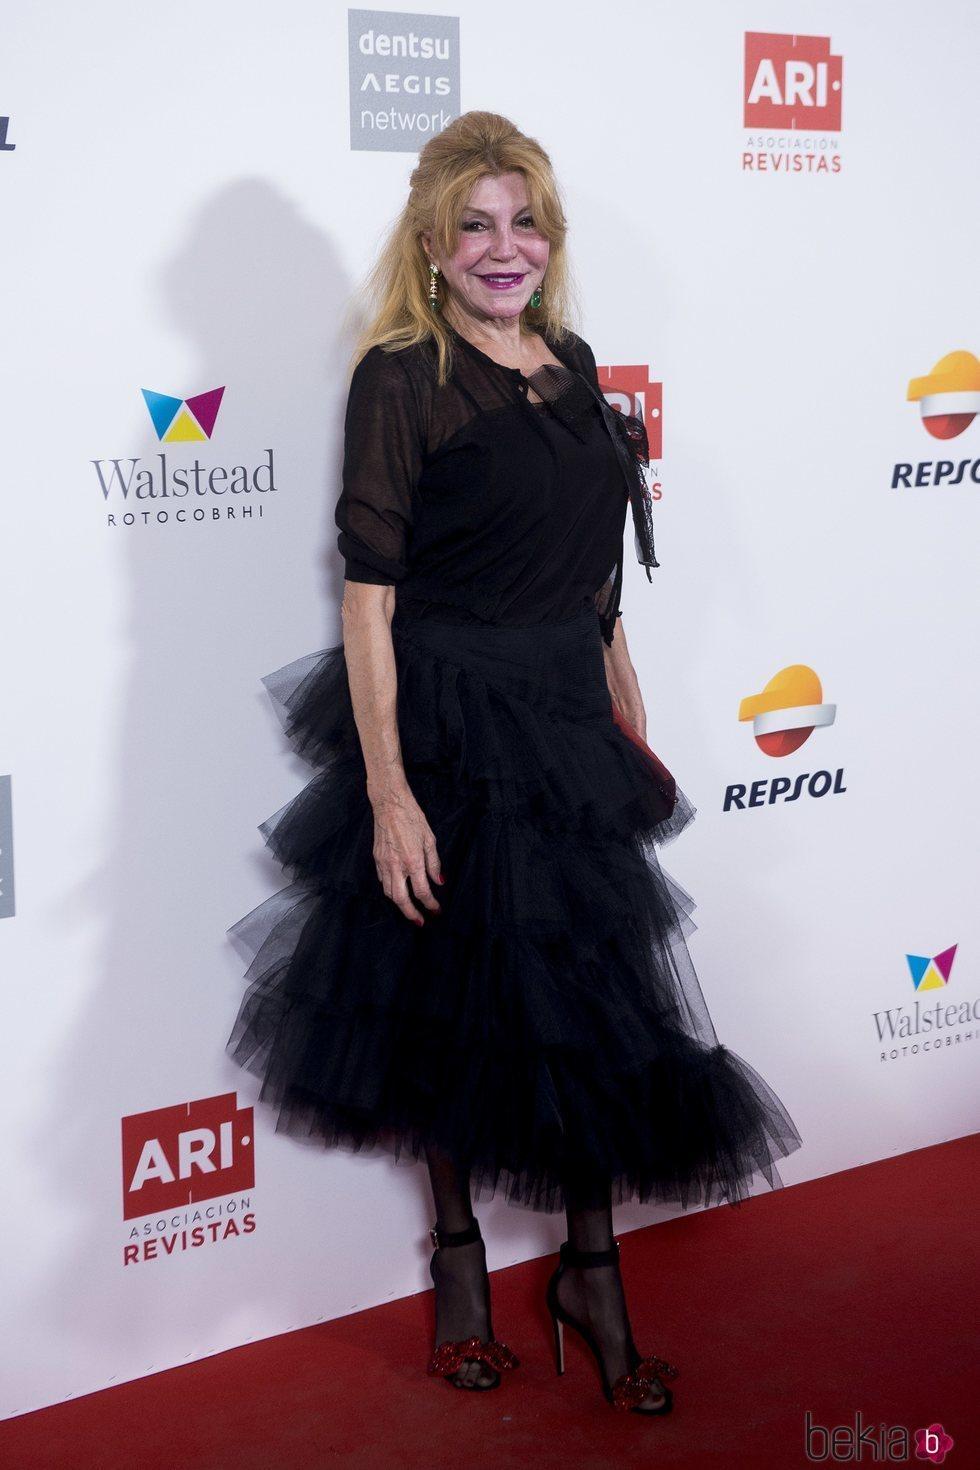 La Baronesa Thyssen en los Premios Ari 2018